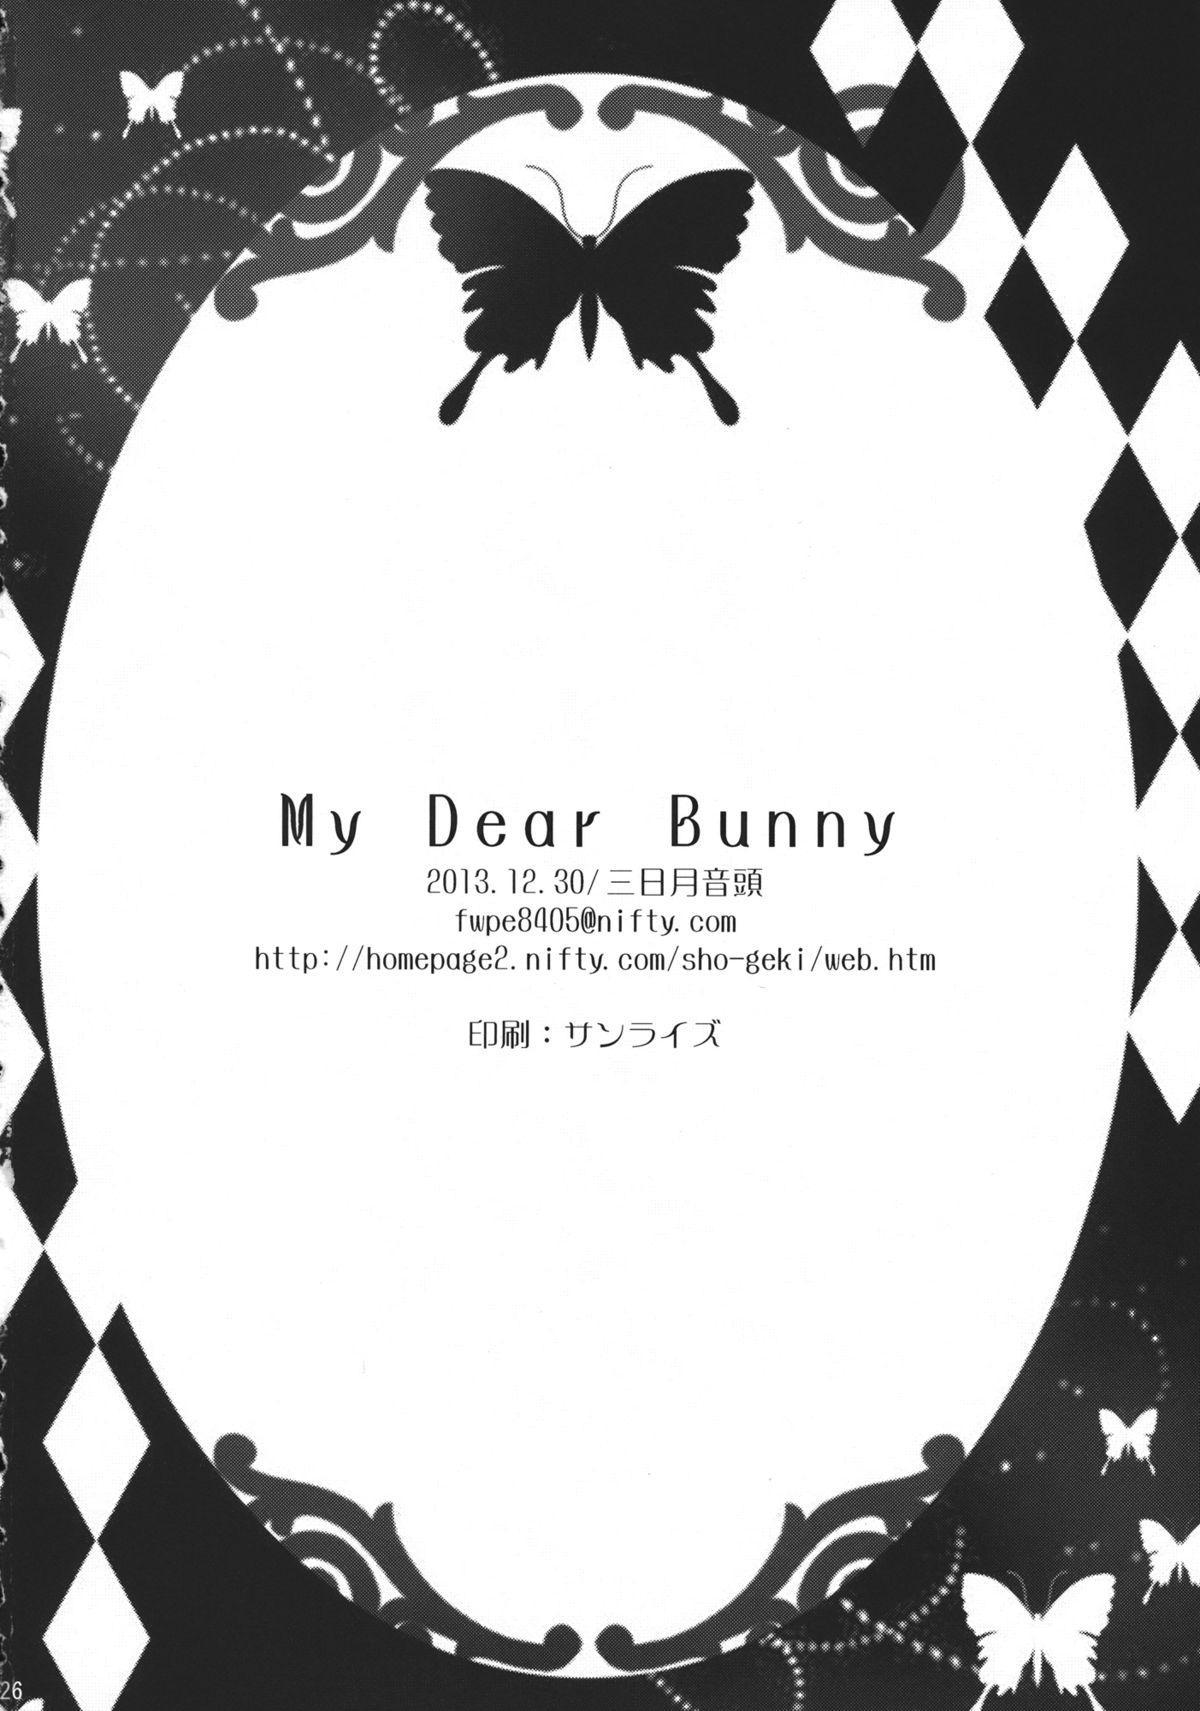 My Dear Bunny 24